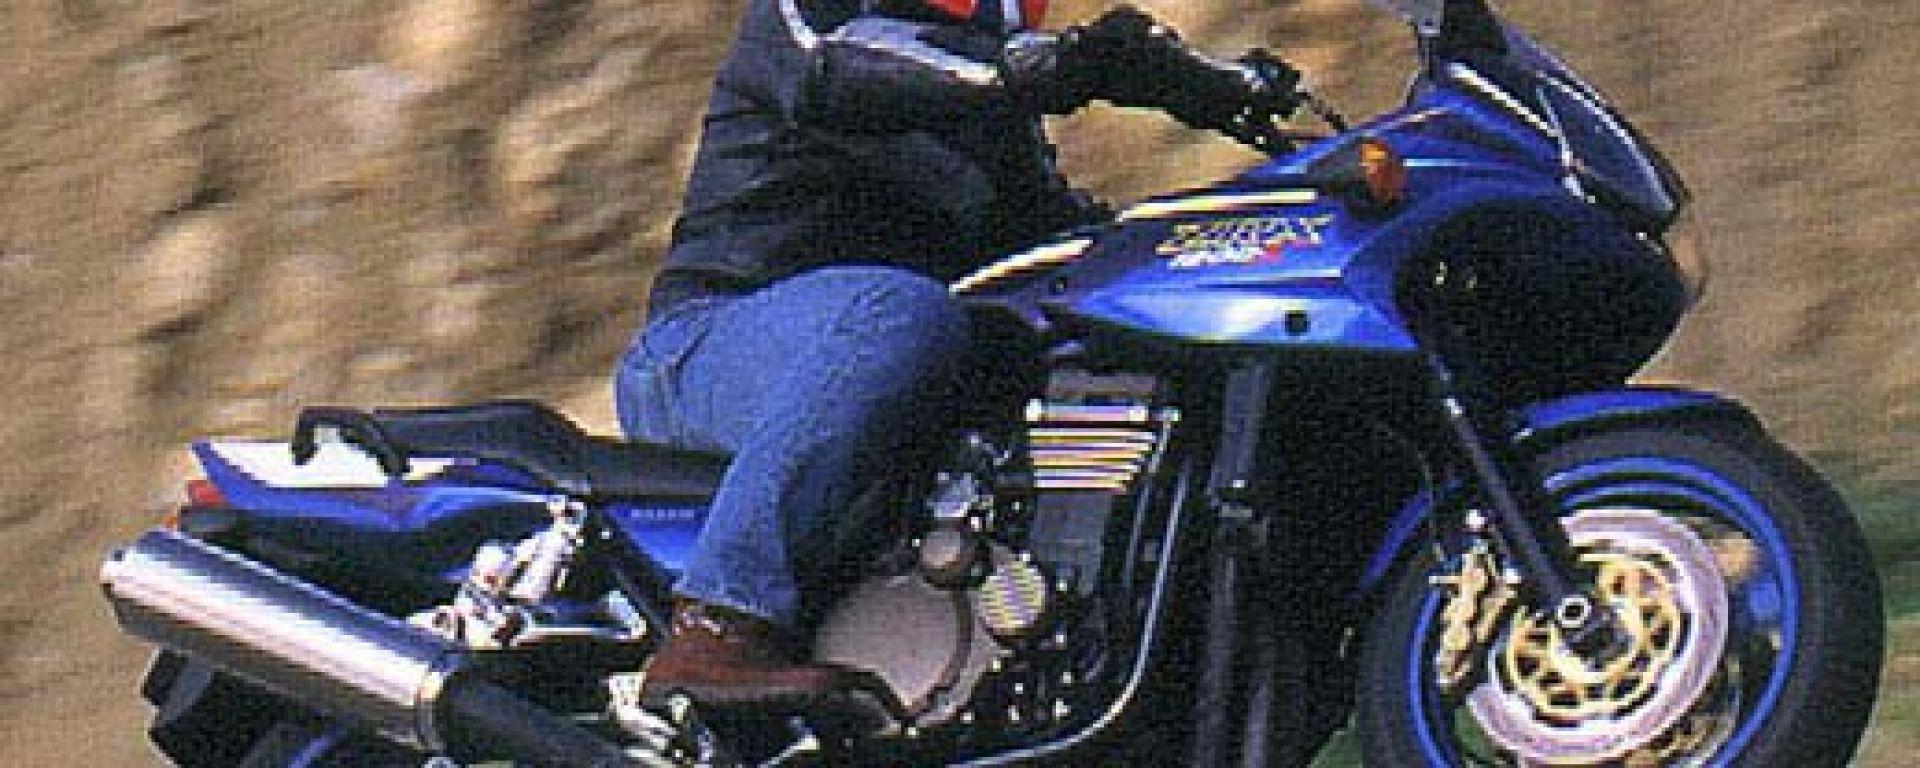 Kawasaki ZRX 1200S